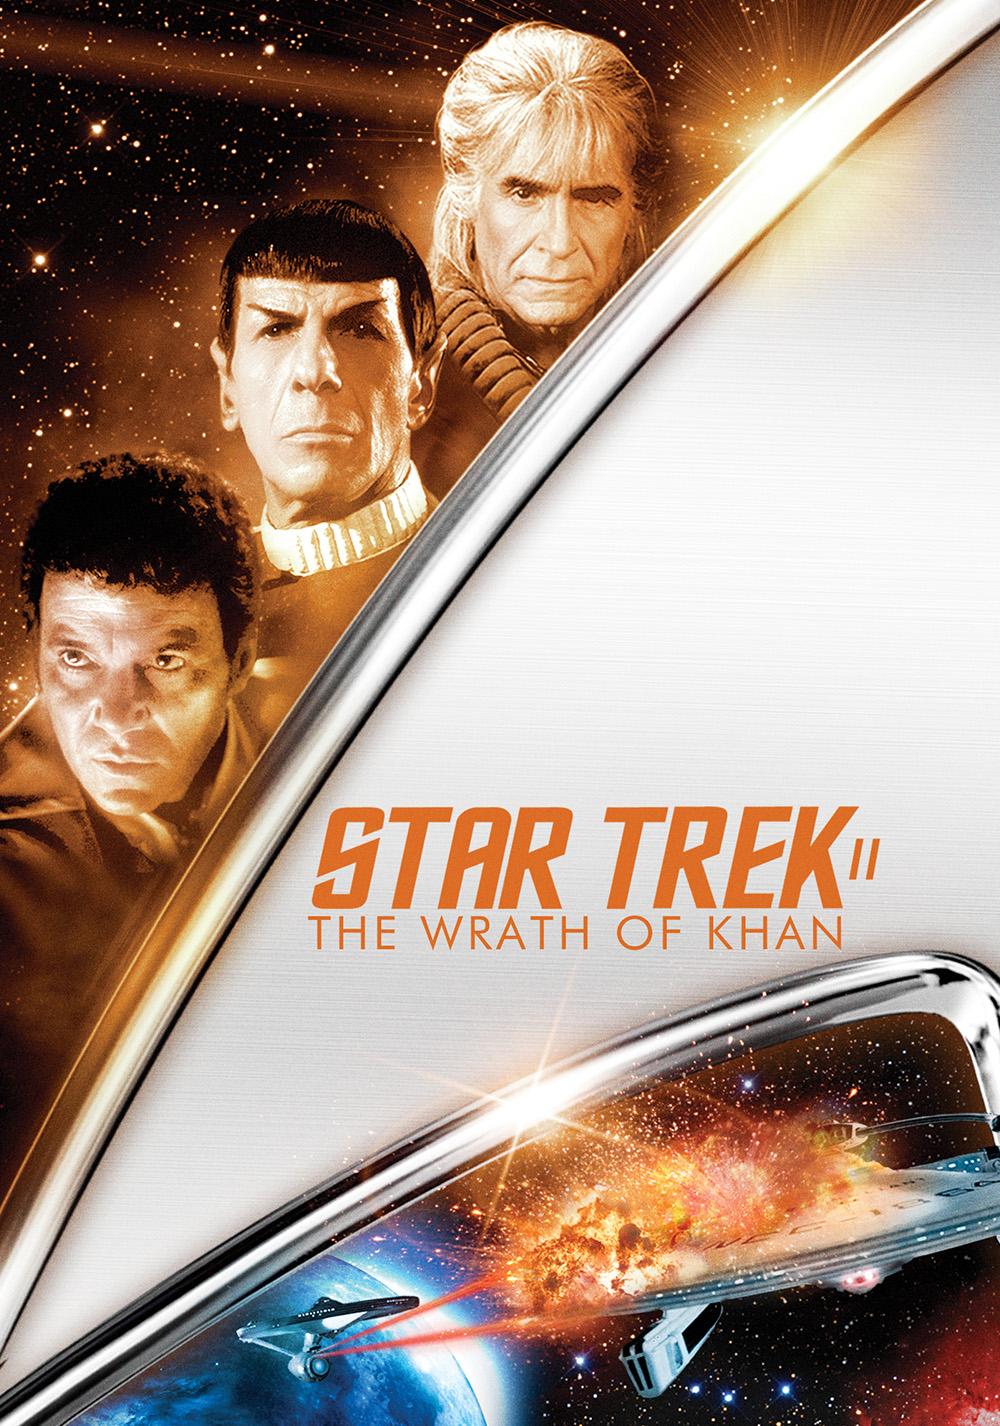 star trek ii the wrath of khan movie fanart fanarttv